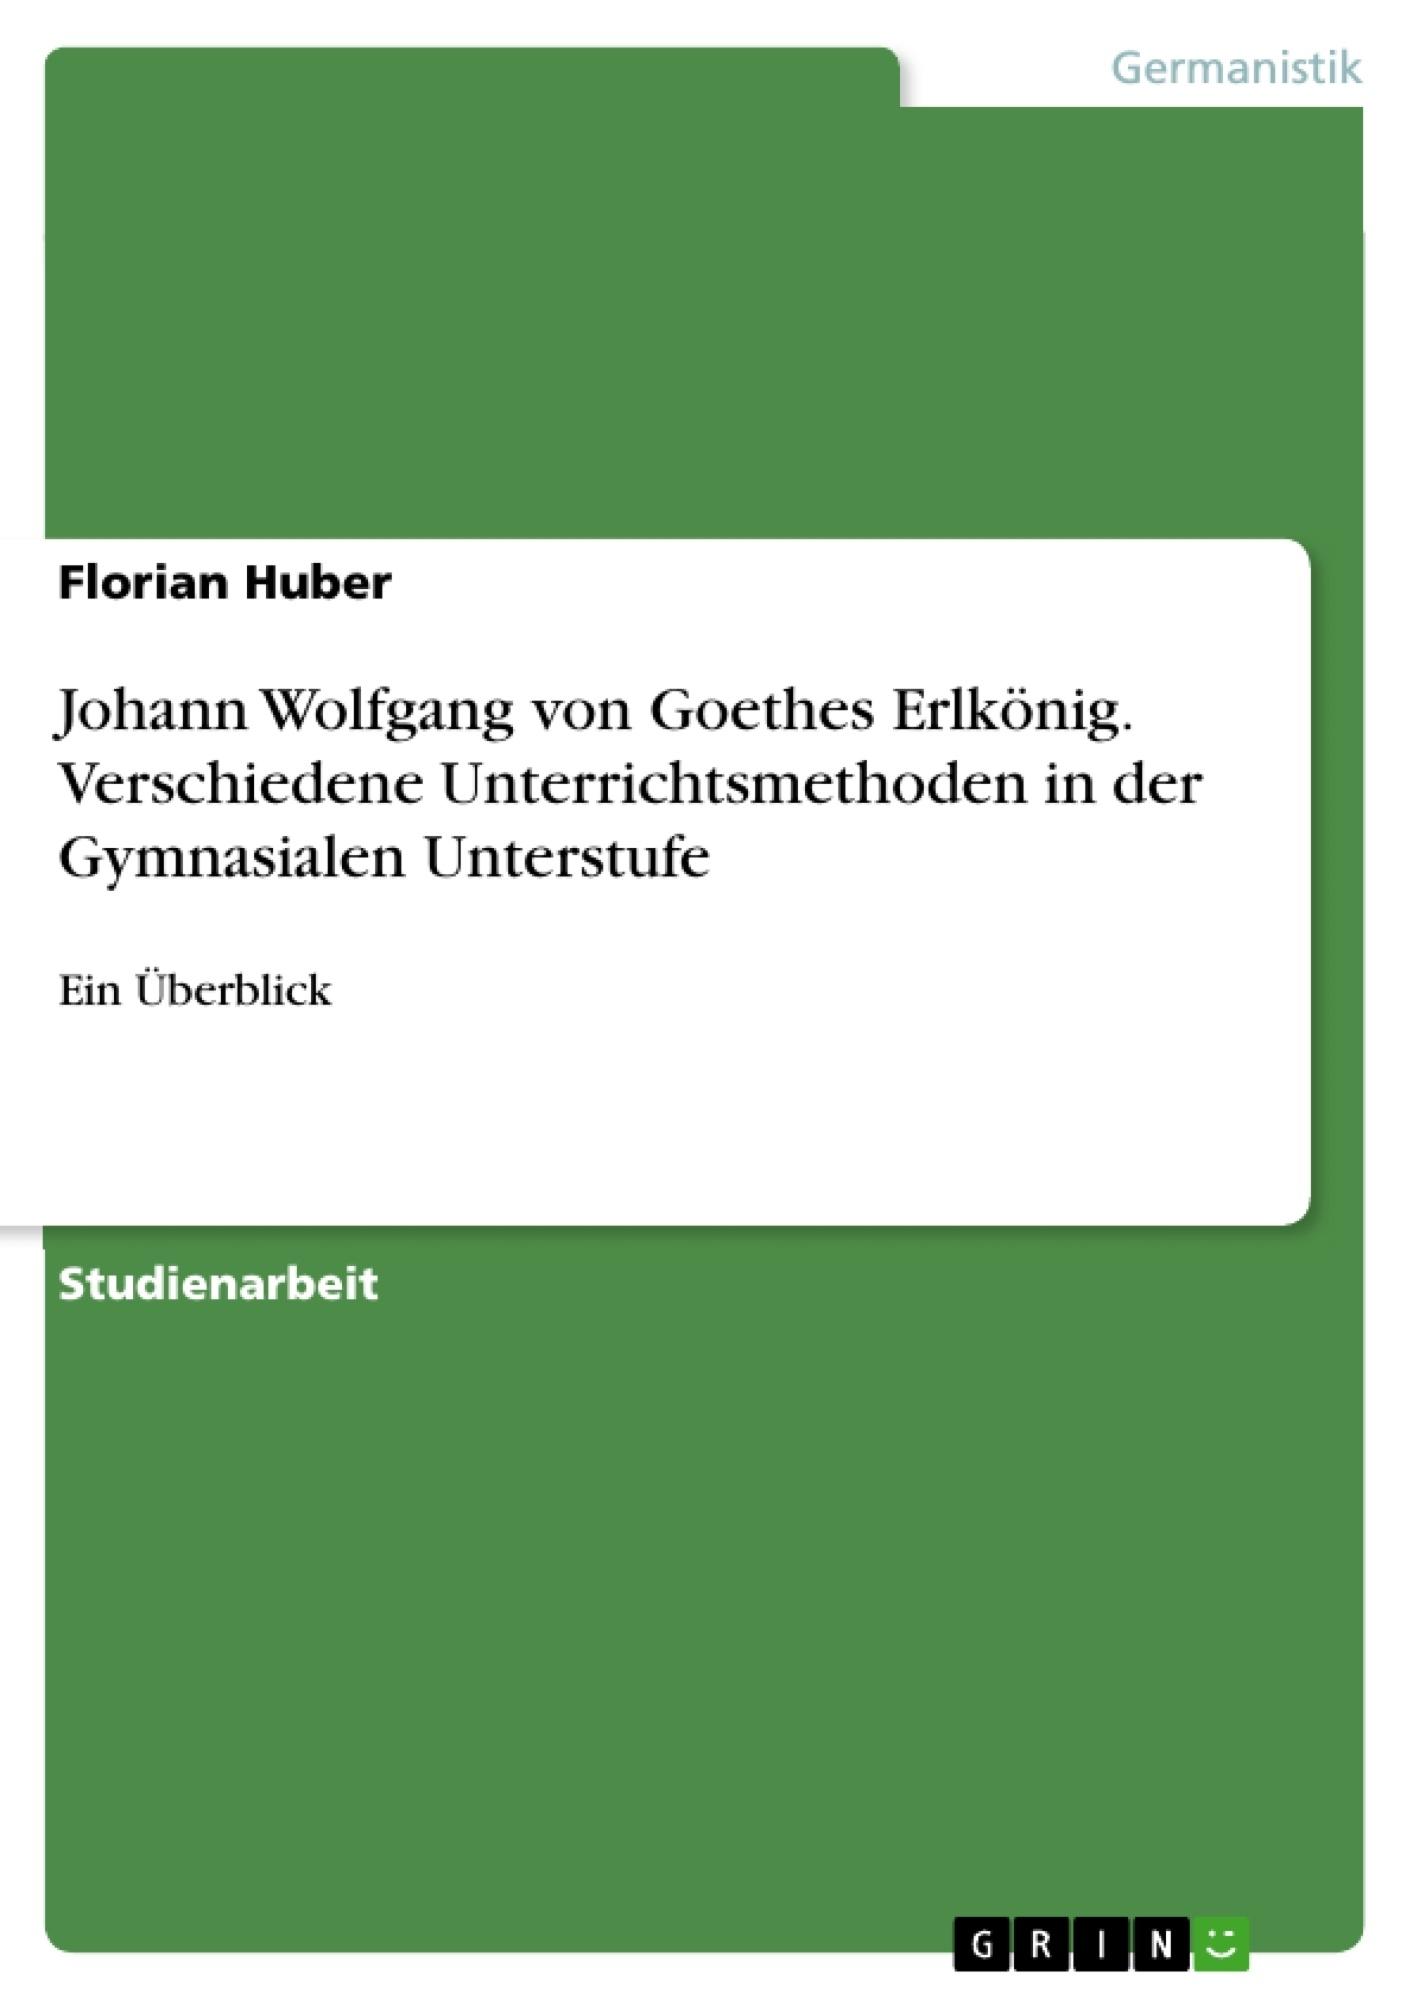 Titel: Johann Wolfgang von Goethes Erlkönig. Verschiedene Unterrichtsmethoden in der Gymnasialen Unterstufe